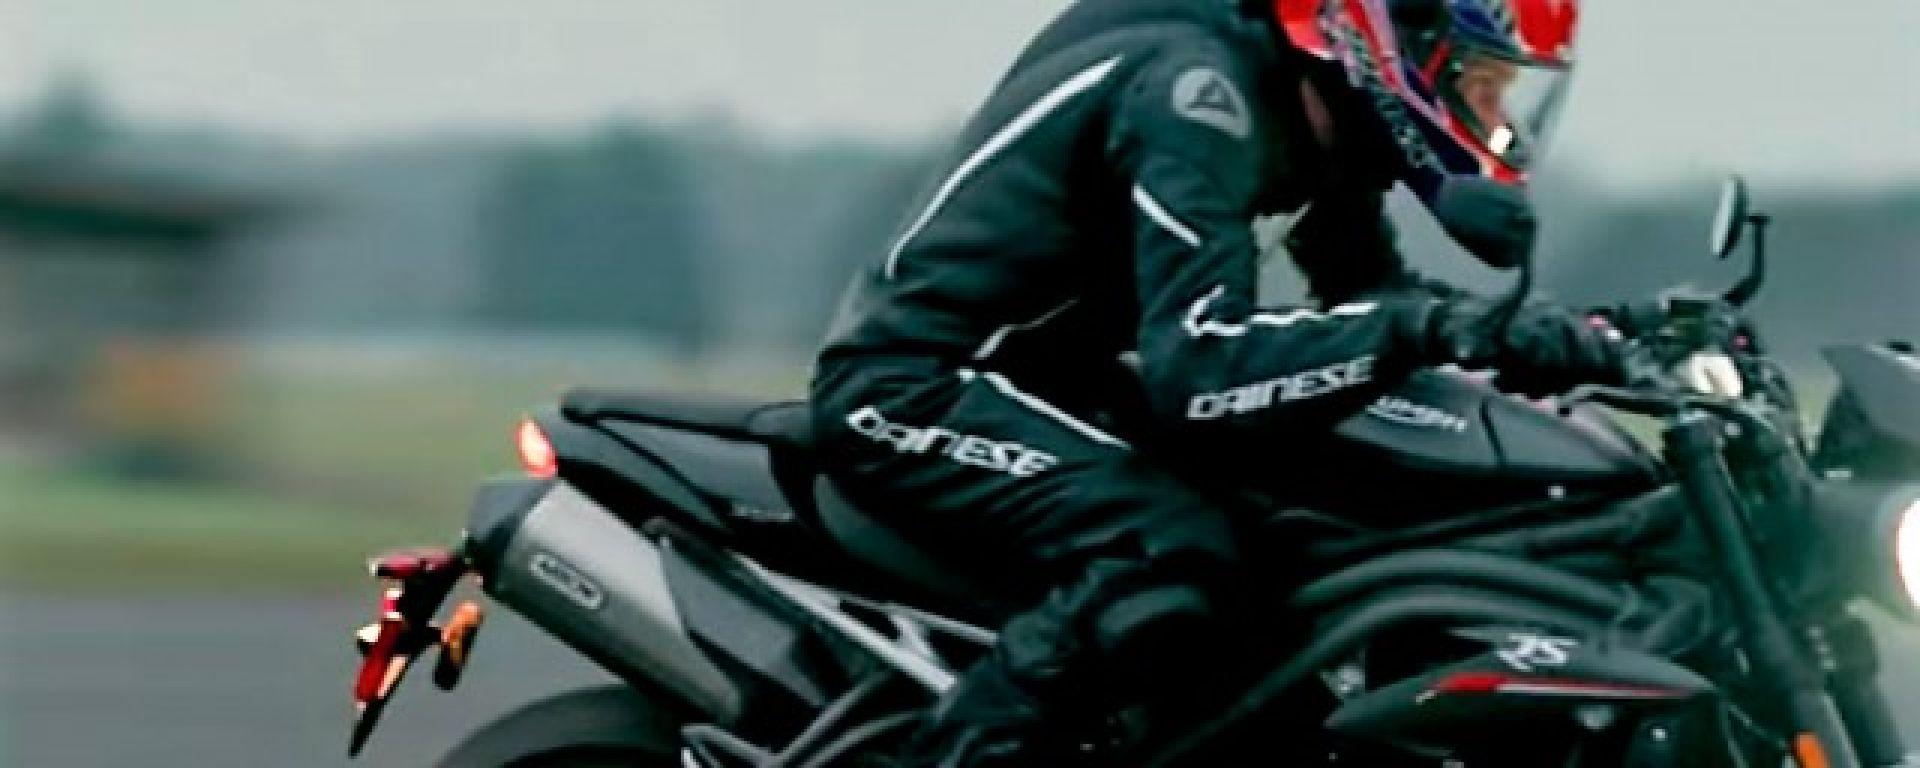 Nuova Triumph Speed Triple: in questo video si vede meglio